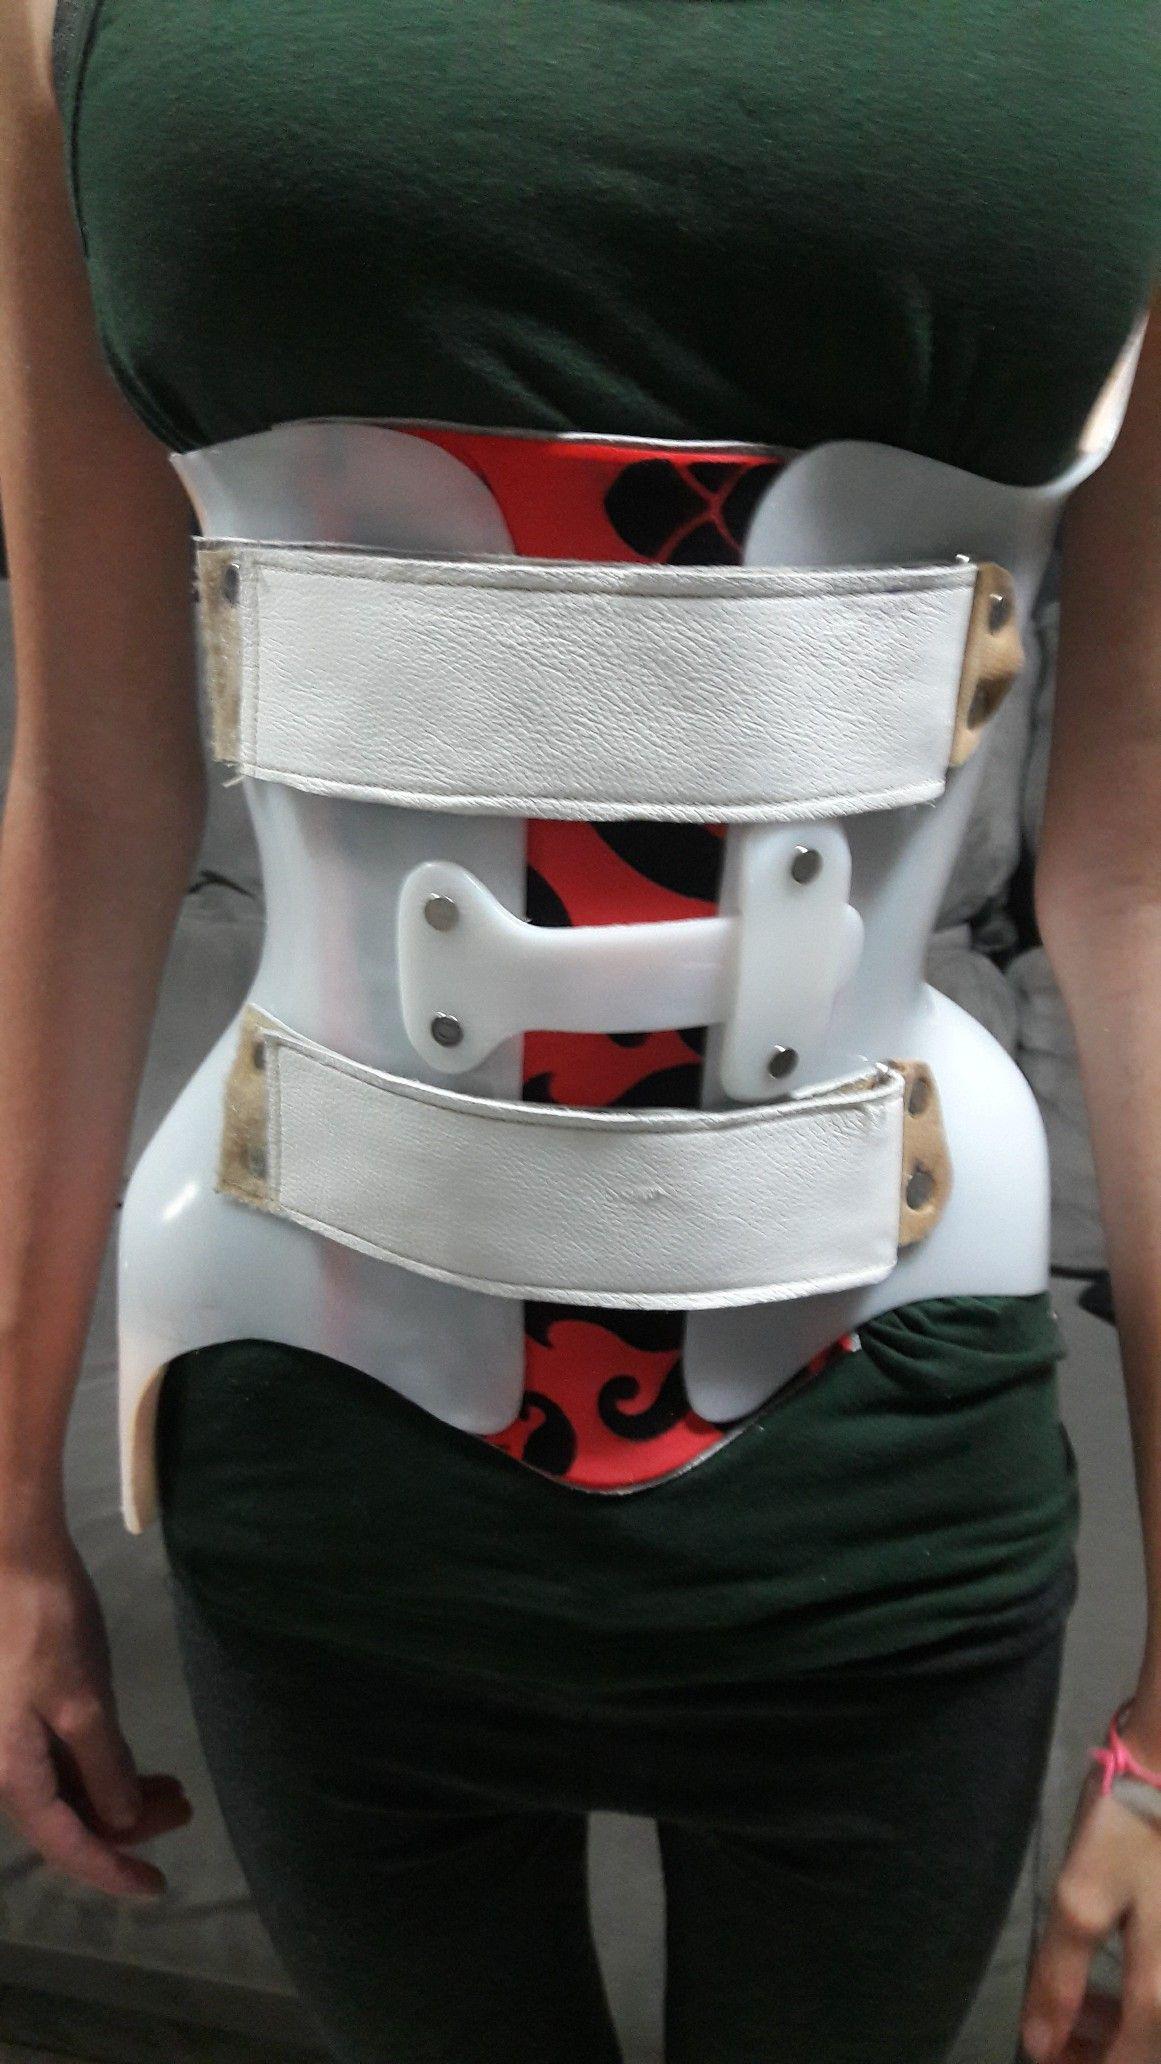 Órtese colete OTLS para tratamento de escoliose torácica e lombar